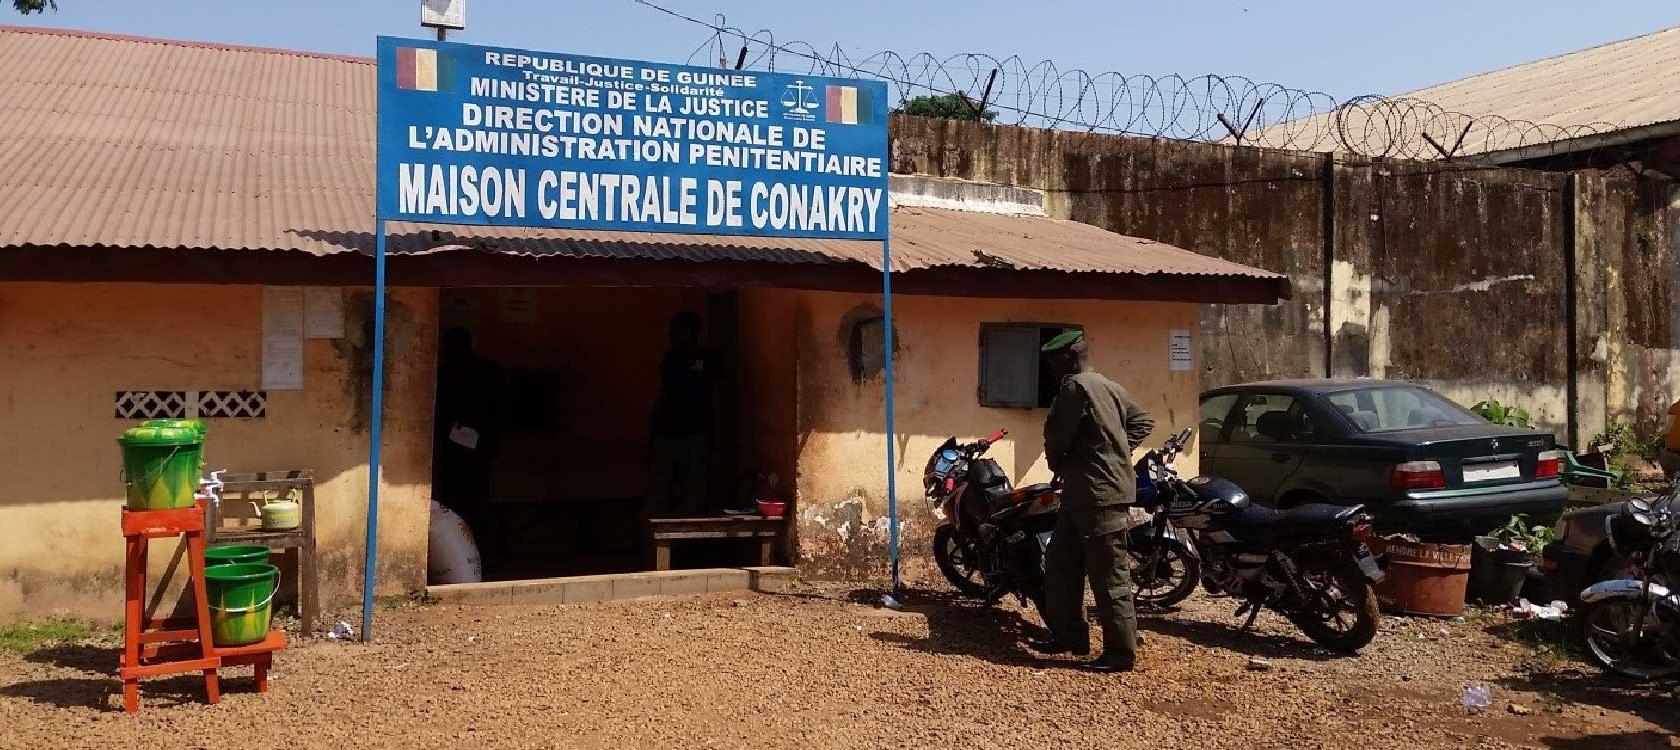 Maison centrale Conakry : les avocats des opposants incarcérés empêchés encore d'accéder à leurs clients